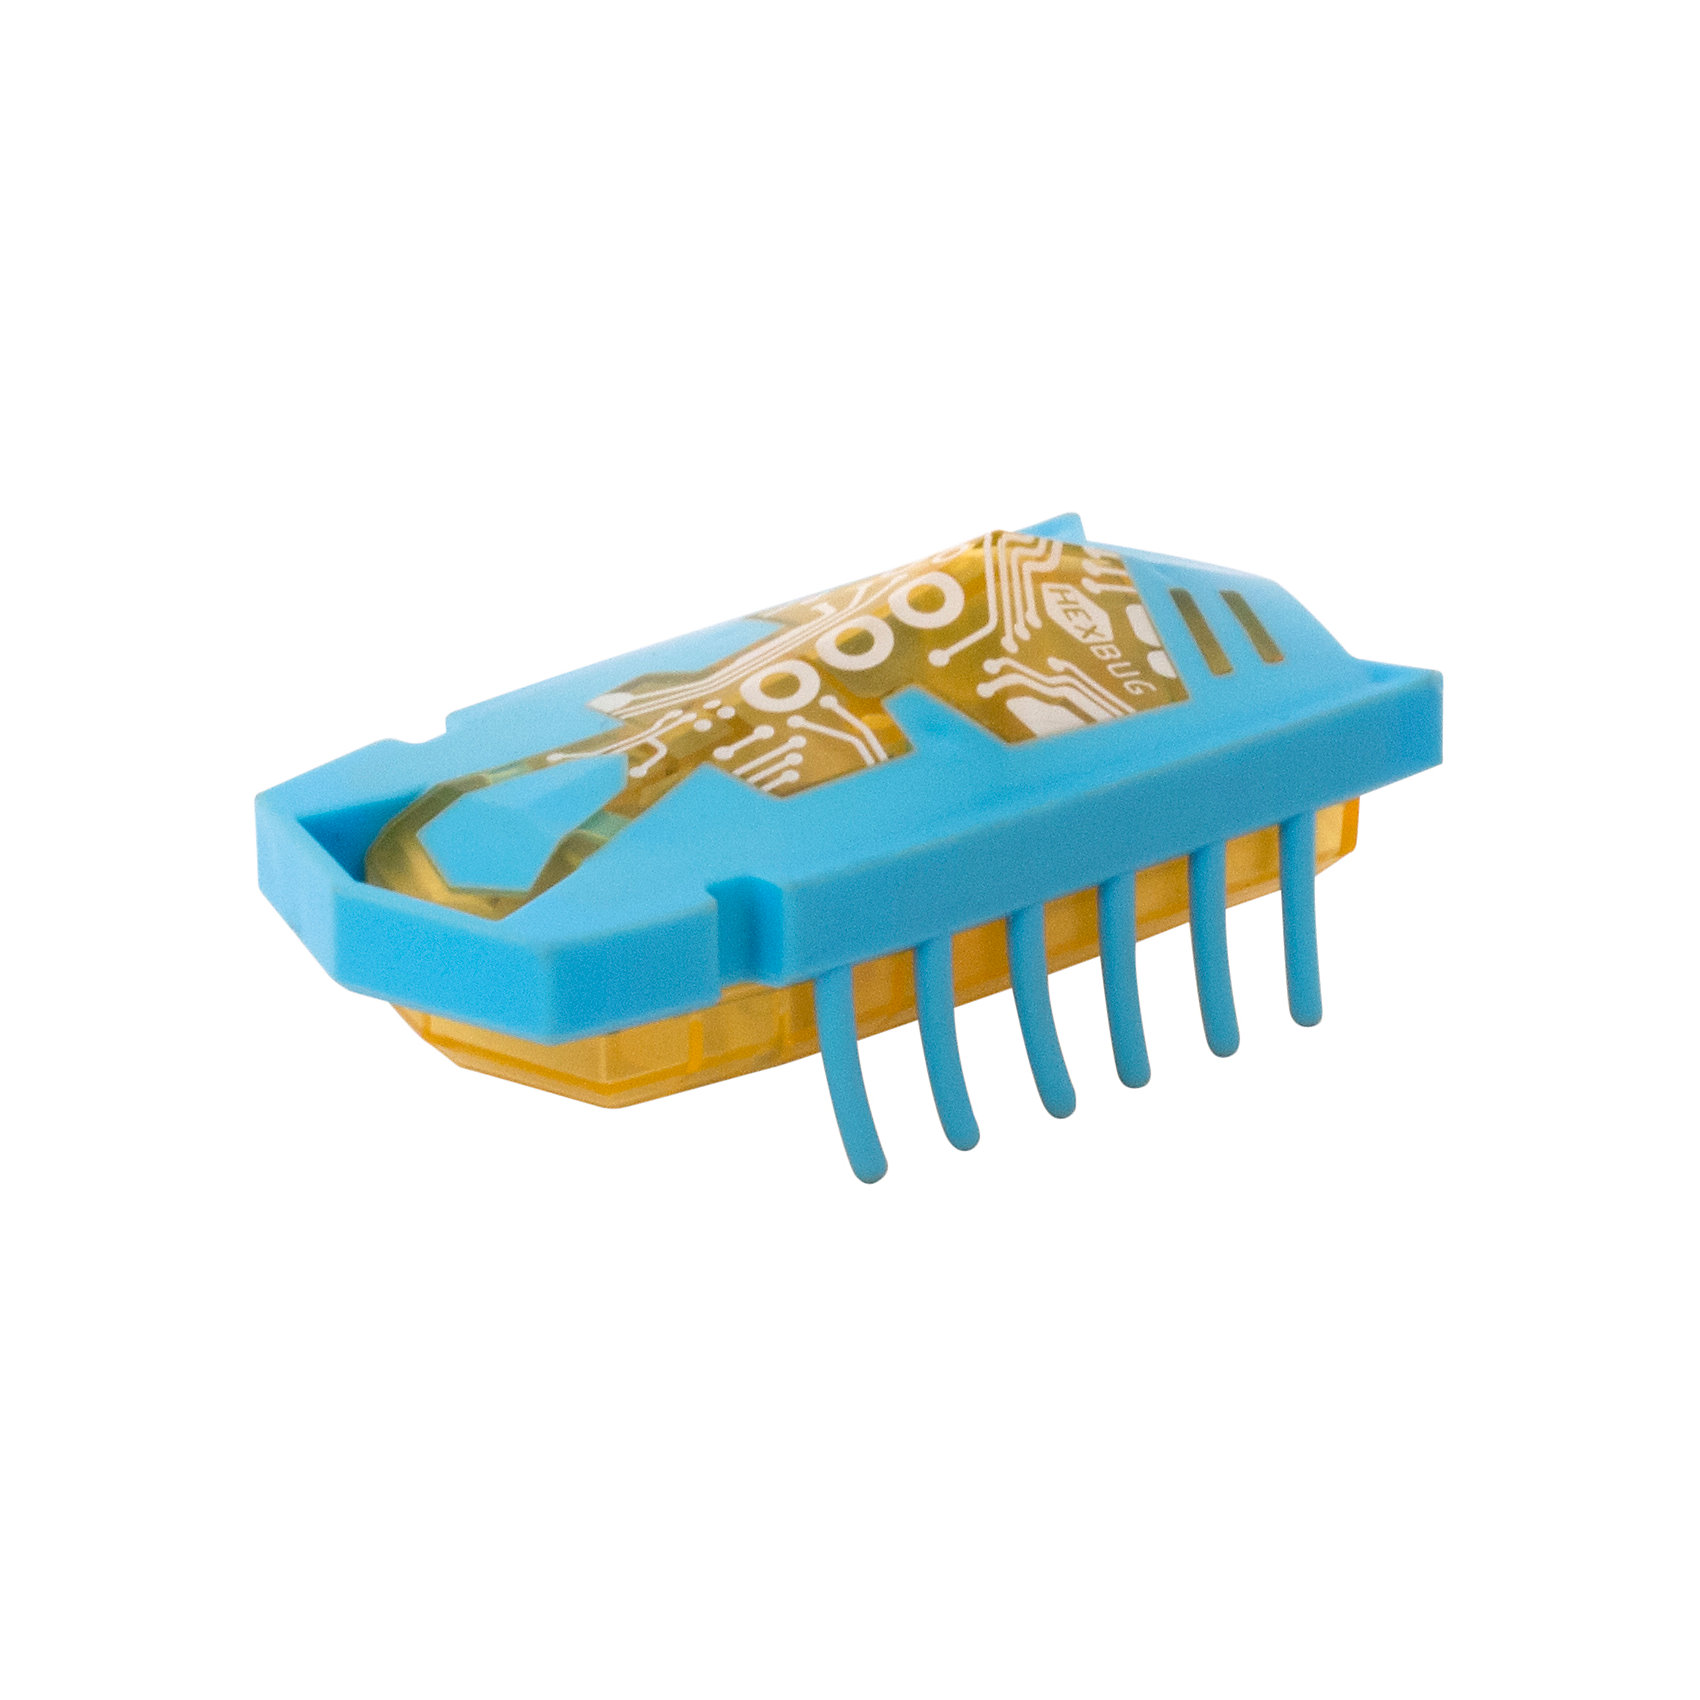 Микро-робот Nano Junior, голубой, HexbugИнтерактивные животные<br>Микро-робот Nano Junior, голубой, Hexbug (Хексбаг)<br><br>Характеристики:<br><br>• 12 лапок<br>• яркий дизайн<br>• быстро двигается<br>• устойчивый<br>• материал: пластик, металл<br>• длина робота: 7,5 см<br>• батарейки: LR44 - 3 шт. (входят в комплект)<br>• размер упаковки: 4х9х18 см<br>• цвет: голубой<br><br>Nano Junior - микро-робот от известного производителя Hexbug. Он быстро шевелит двенадцатью лапками и двигается за счет вибрации. Нано Джуниор имеет достаточно большой размер, чтобы ребенок не смог его проглотить. Яркий дизайн микро-робота, несомненно, придется по вкусу детям и взрослым!<br><br>Микро-робота Nano Junior, голубой, Hexbug (Хексбаг) вы можете купить в нашем интернет-магазине.<br><br>Ширина мм: 180<br>Глубина мм: 40<br>Высота мм: 90<br>Вес г: 51<br>Возраст от месяцев: 36<br>Возраст до месяцев: 2147483647<br>Пол: Унисекс<br>Возраст: Детский<br>SKU: 5507215